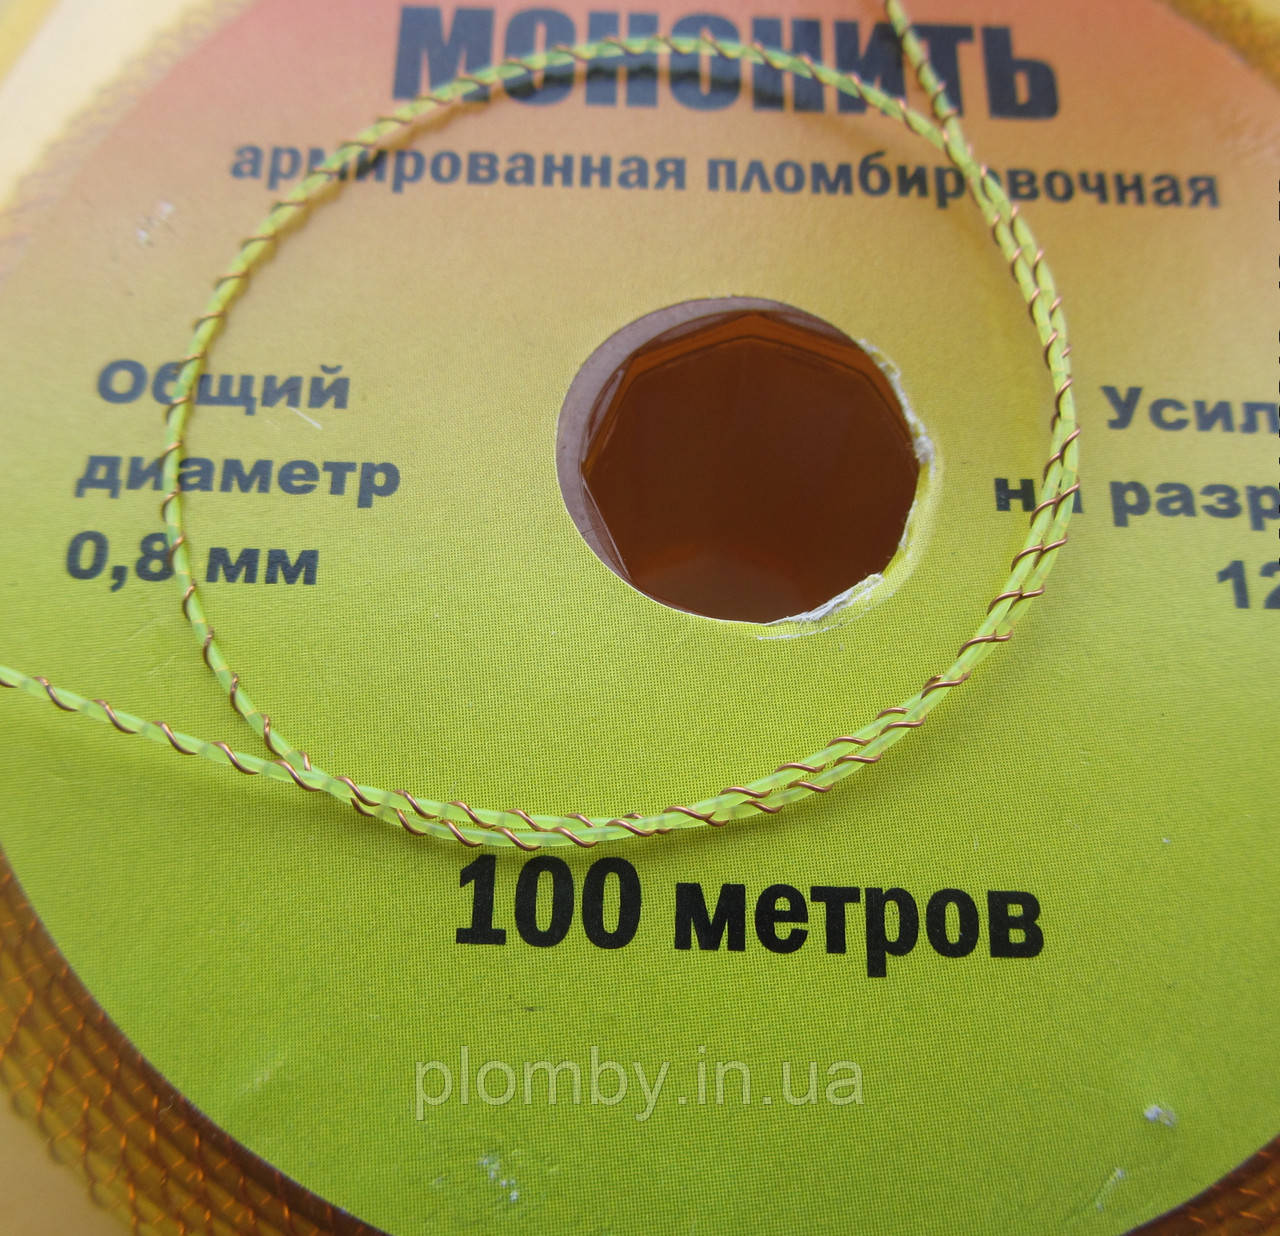 Мононить армированная + МЕДЬ 0,8мм, в бобине 100м - ТОВ «ЯНГУЛ» в Харькове